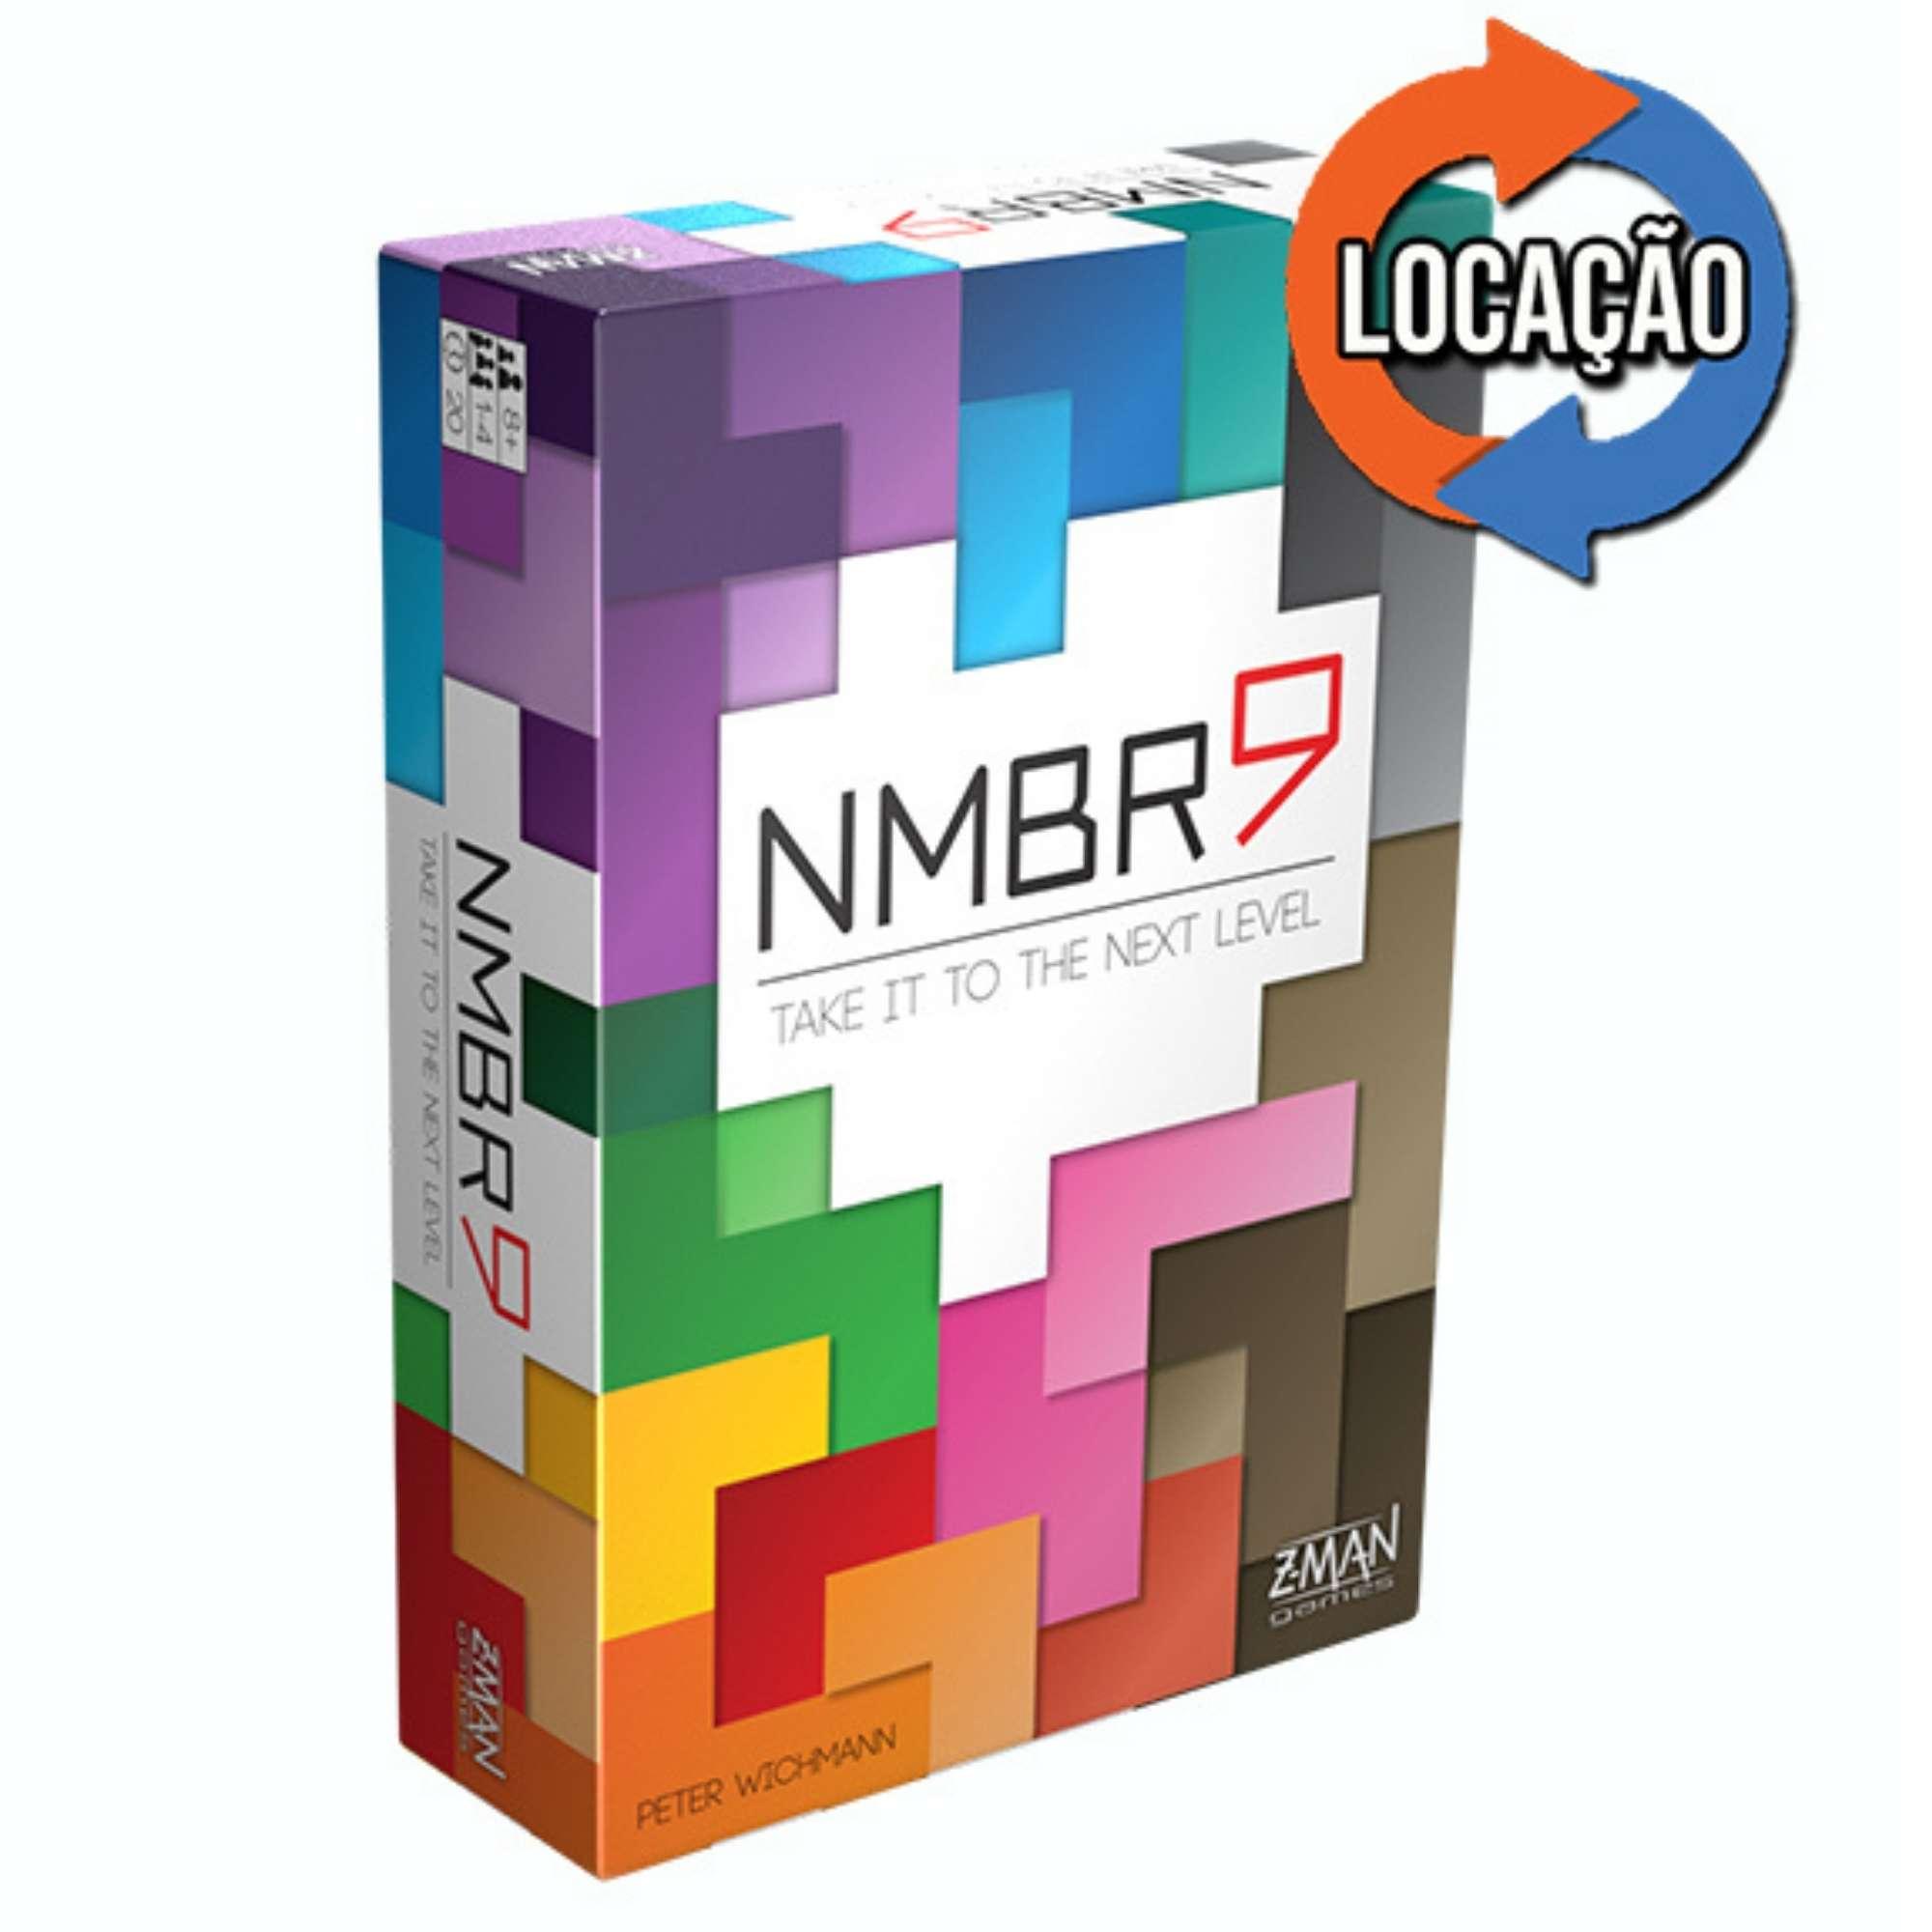 NMBR9 (Locação)